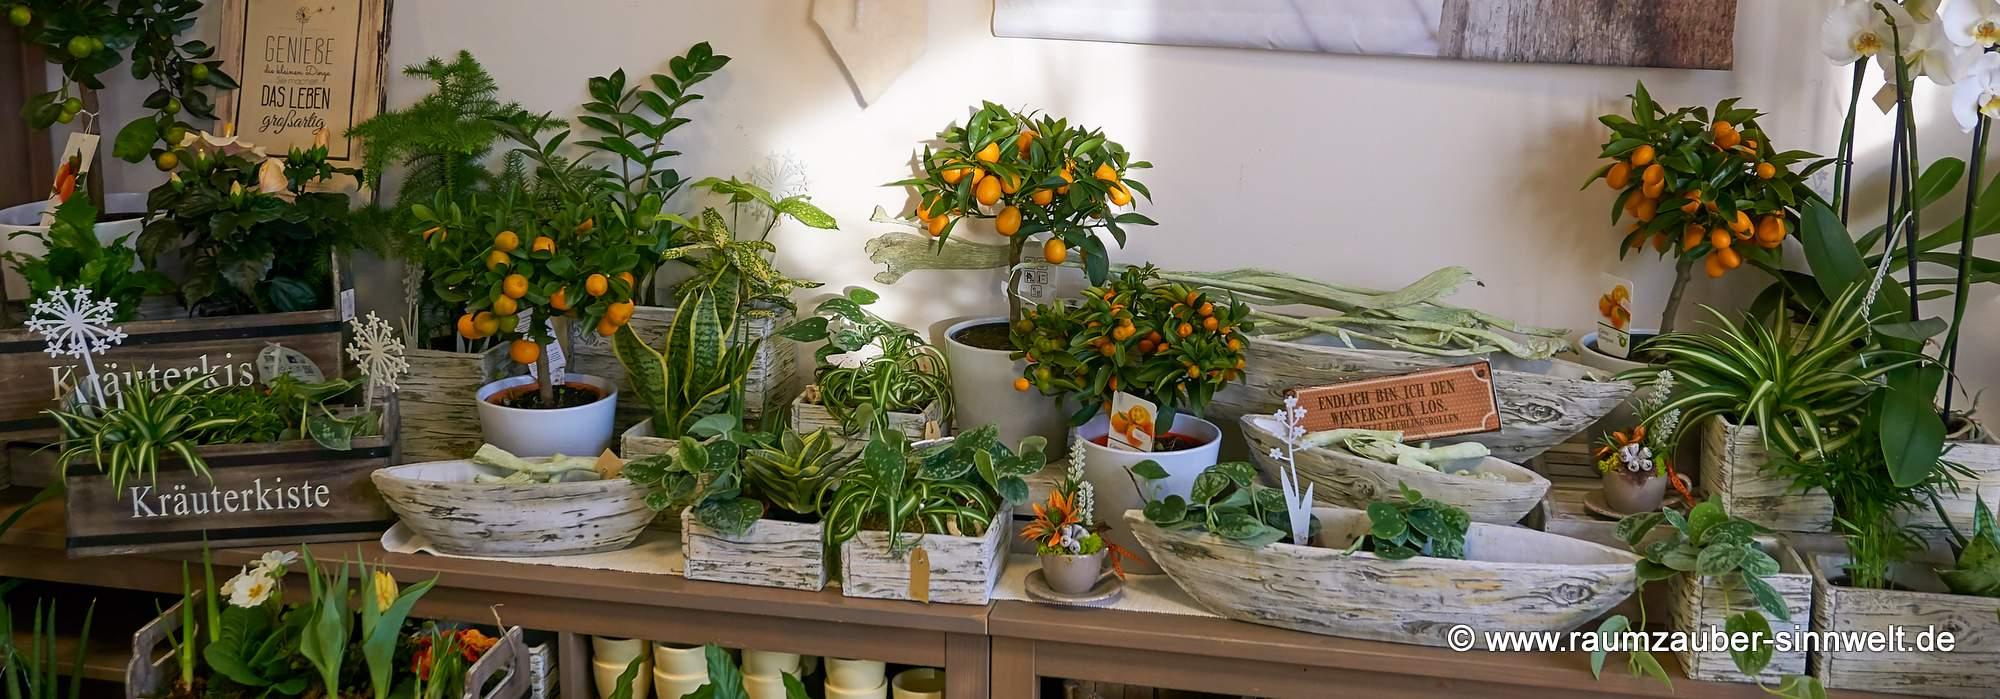 Ideen mit Pflanzen - Impulse für die florale Gestaltung von Wohnung und Büro